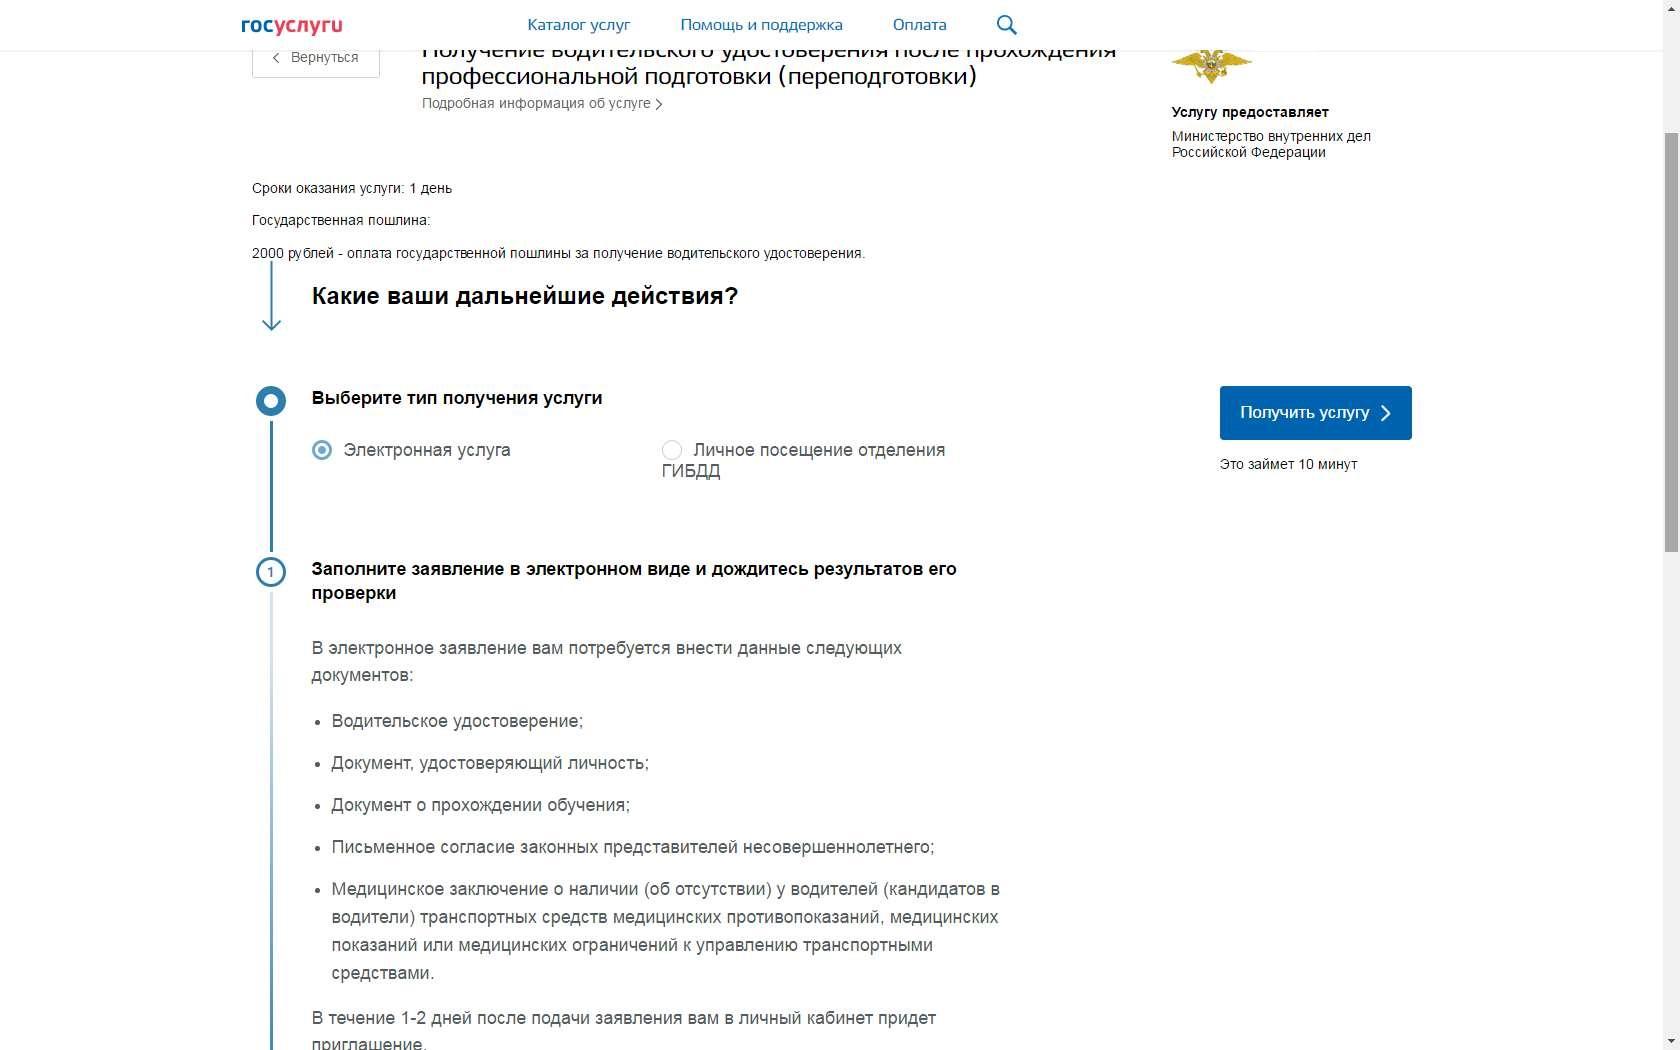 Сайт Госуслуг, услуга записи на экзамены для получения права на управление транспортным средством (водительского удостоверения) в ГИБДД